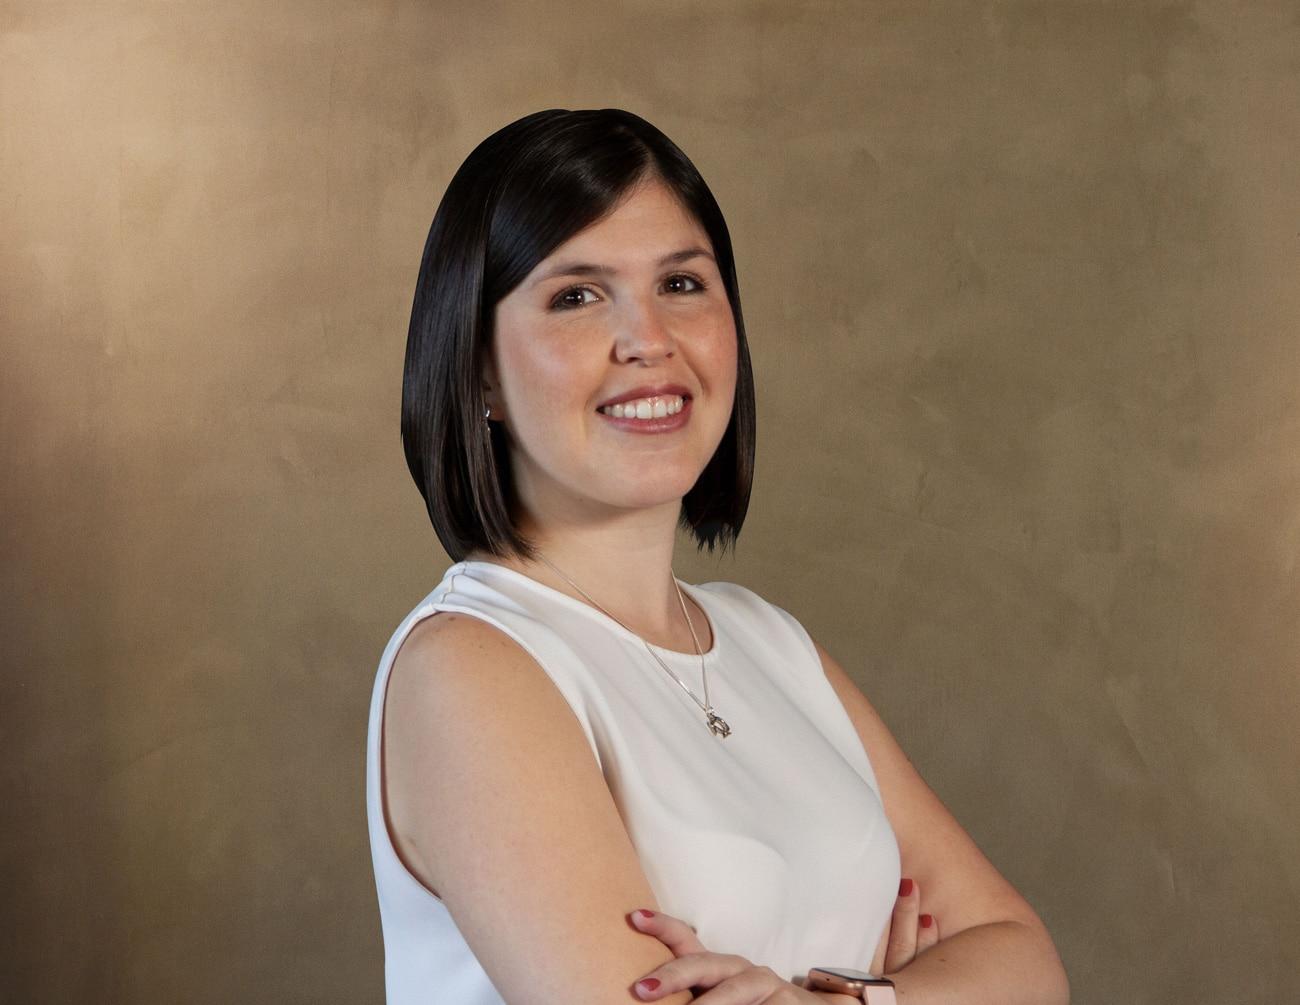 Girraphic Graciela Olivares